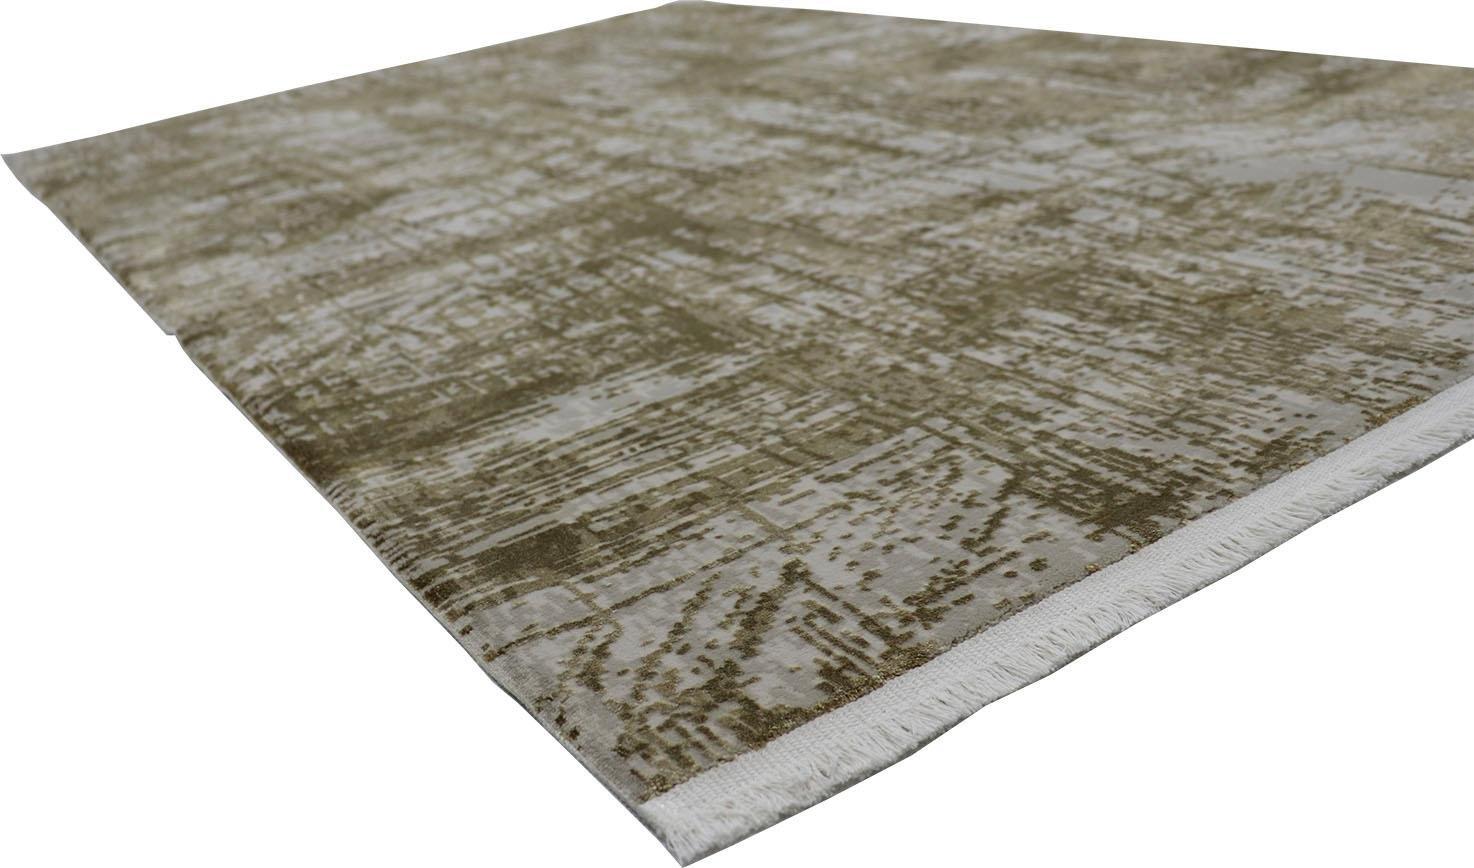 RESITAL The Voice of Carpet vloerkleed »Couture 100«, rechthoekig, hoogte 8 mm, machinaal geweven nu online bestellen